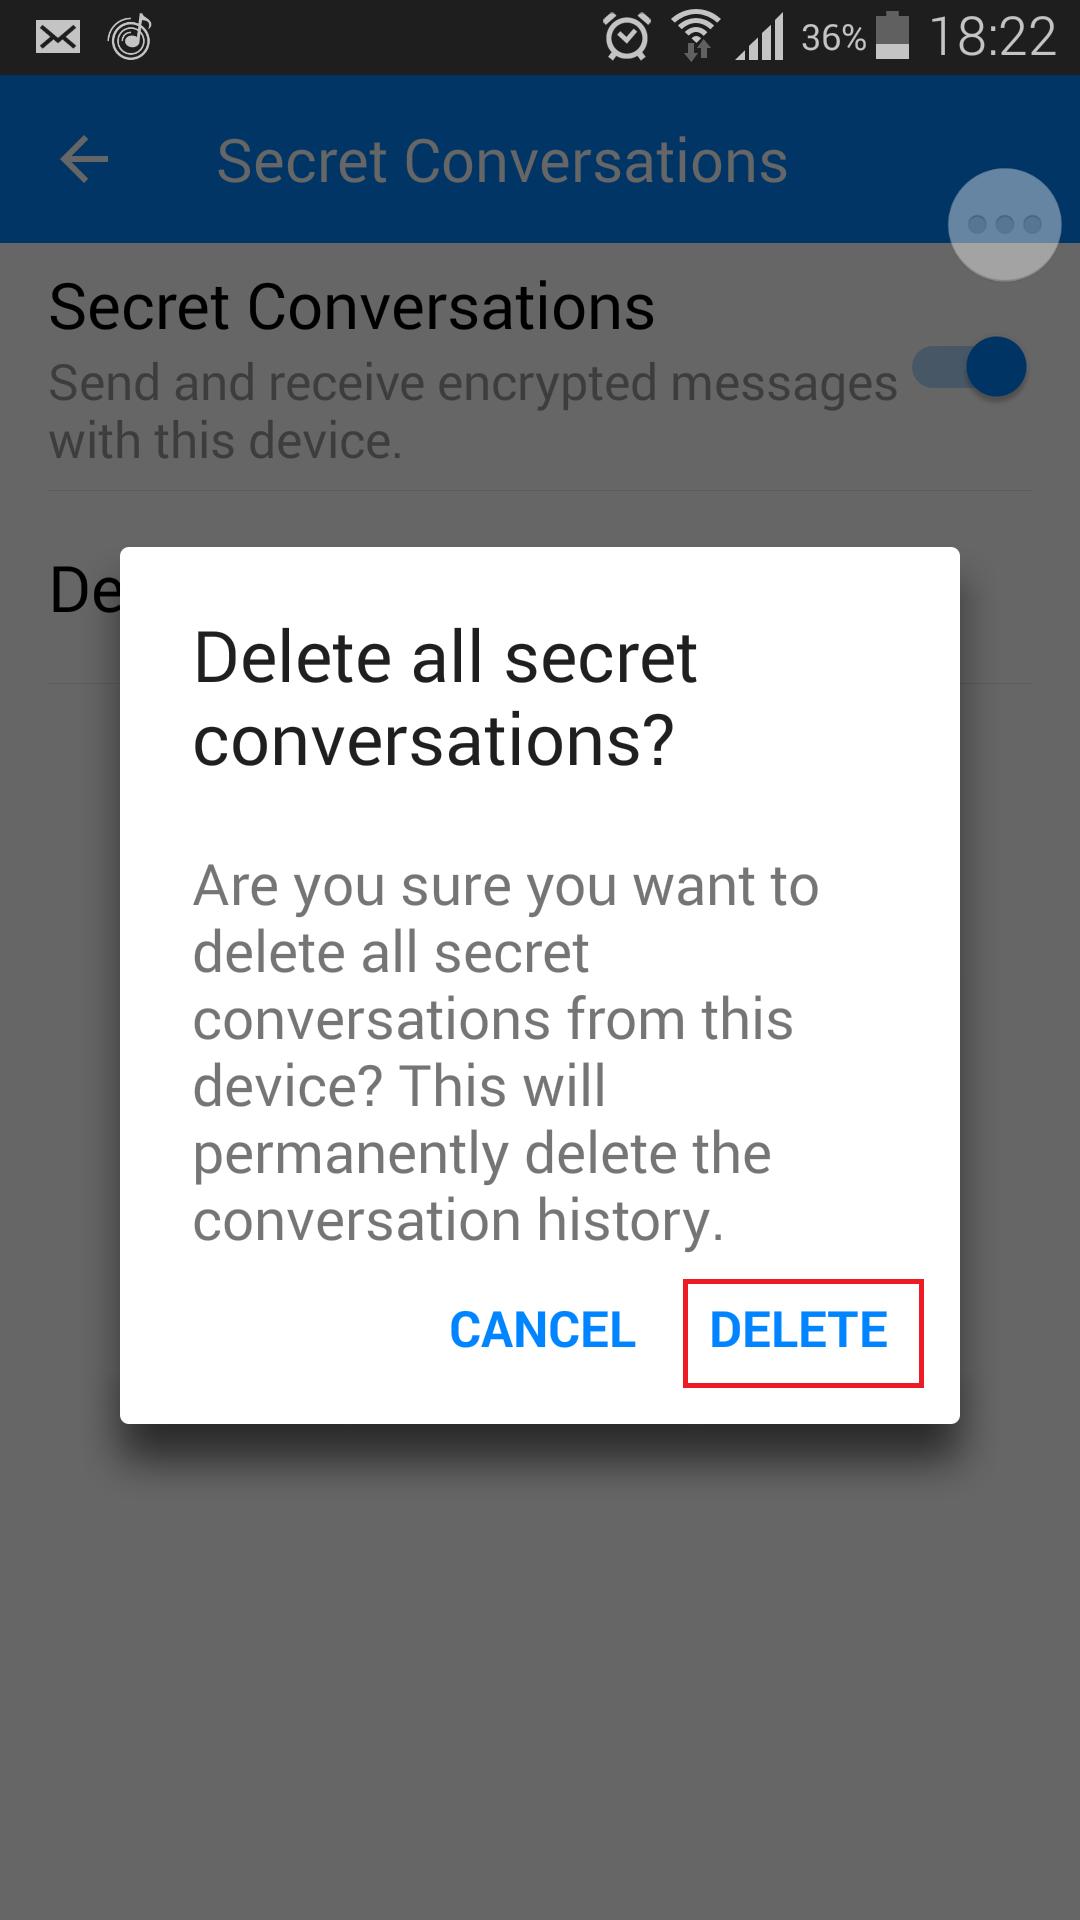 delete secret conversation 2